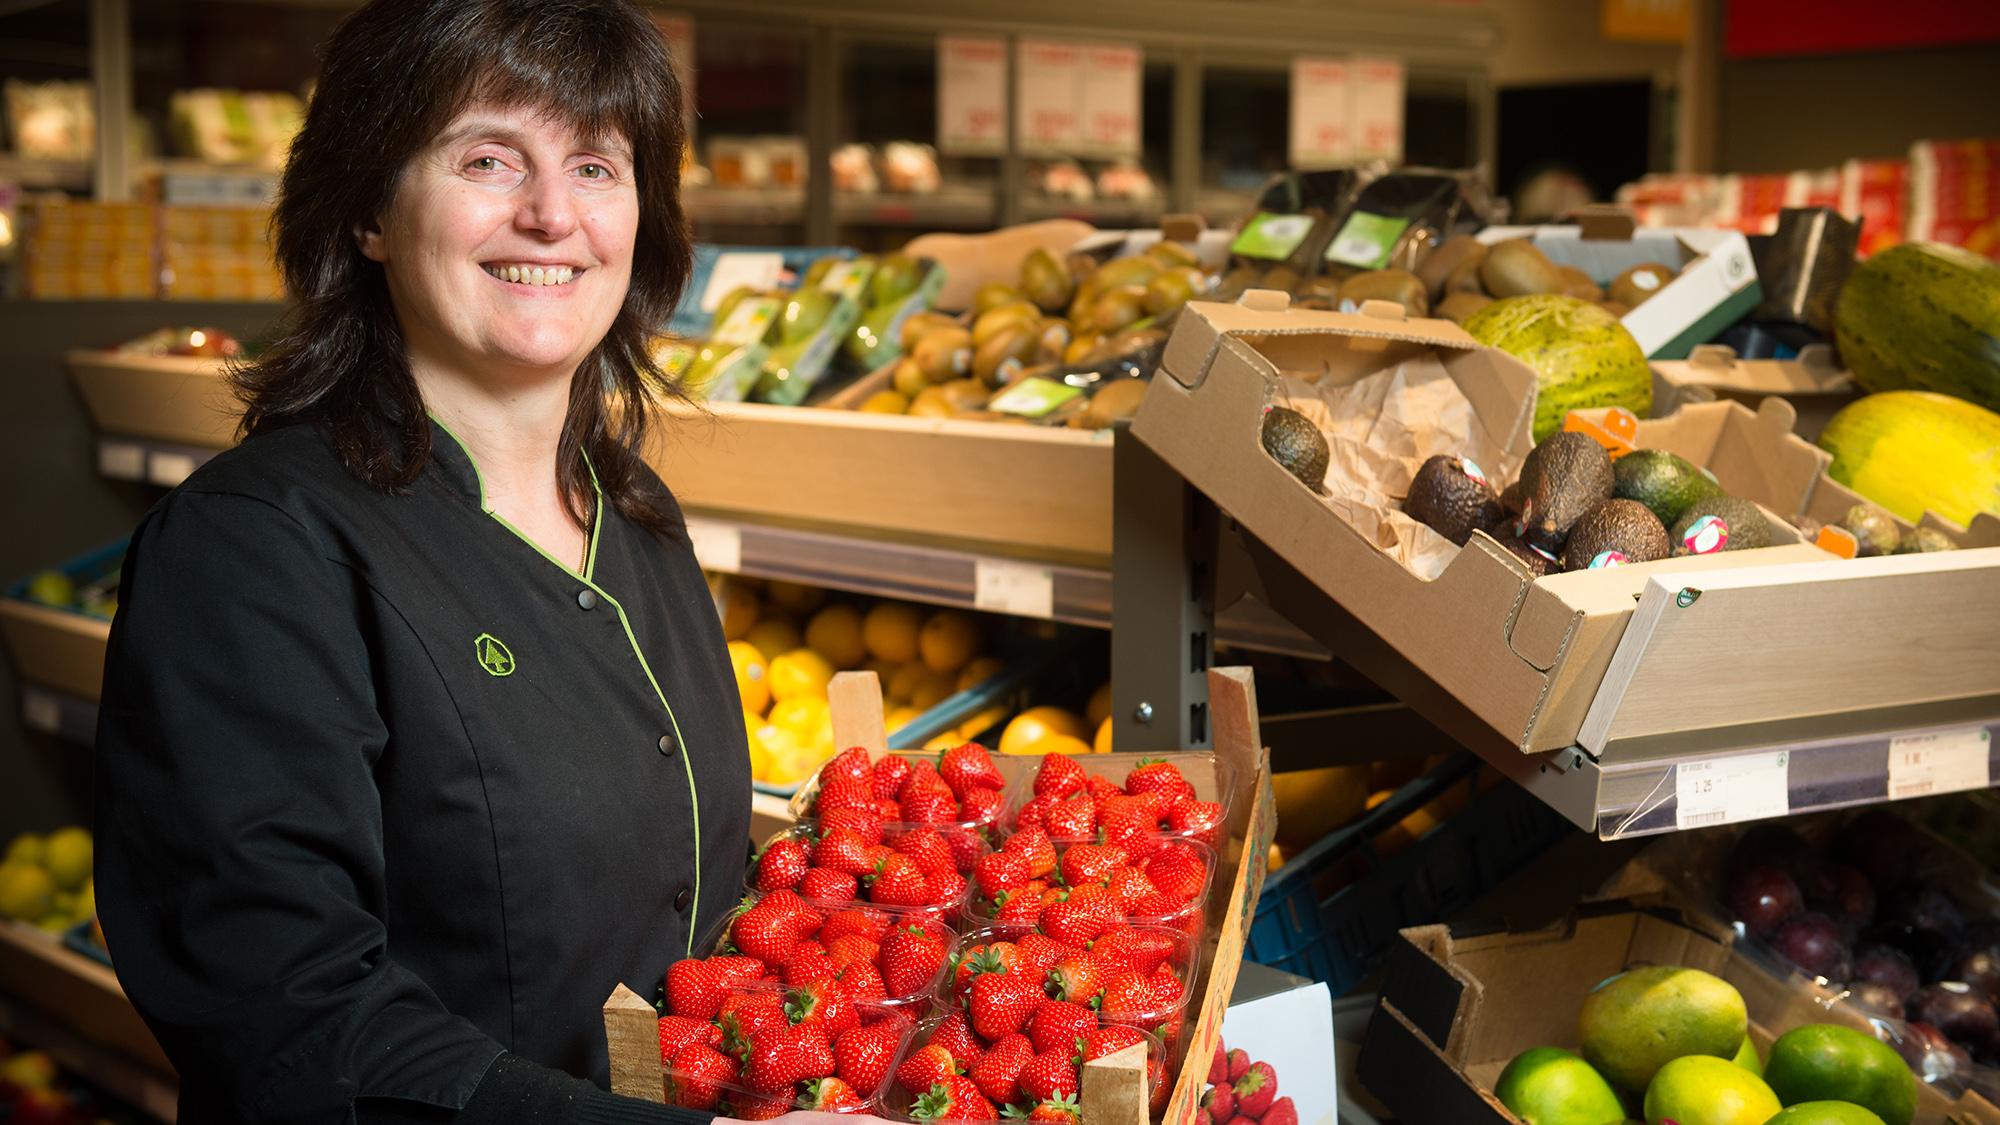 Voortaan vind je heel gemakkelijk streekproducten terug in de supermarkt